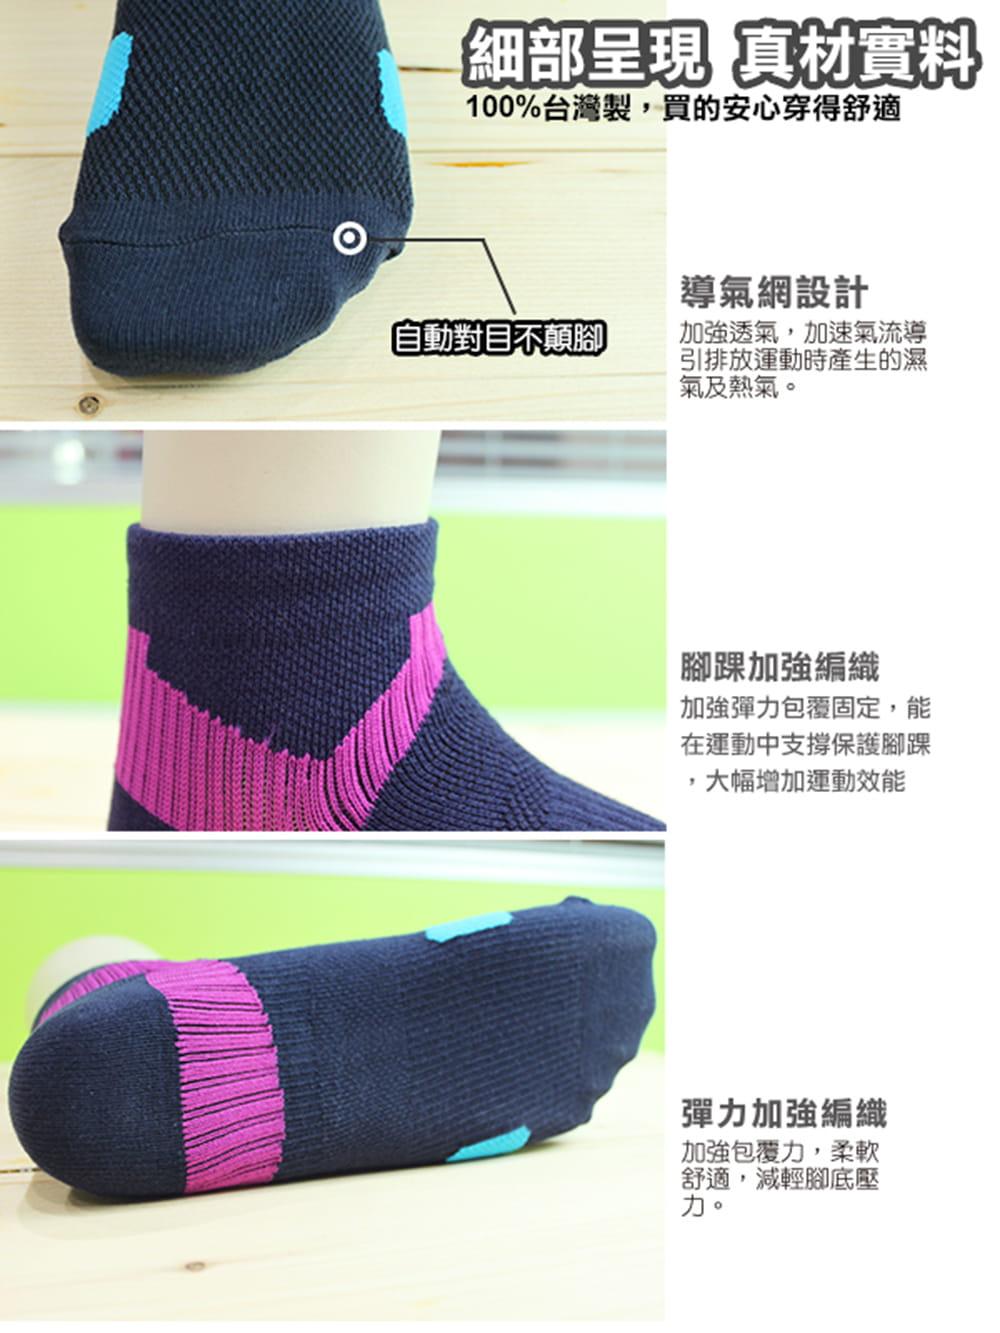 【老船長】(K144-4L)足弓輕壓機能運動襪-男款 3